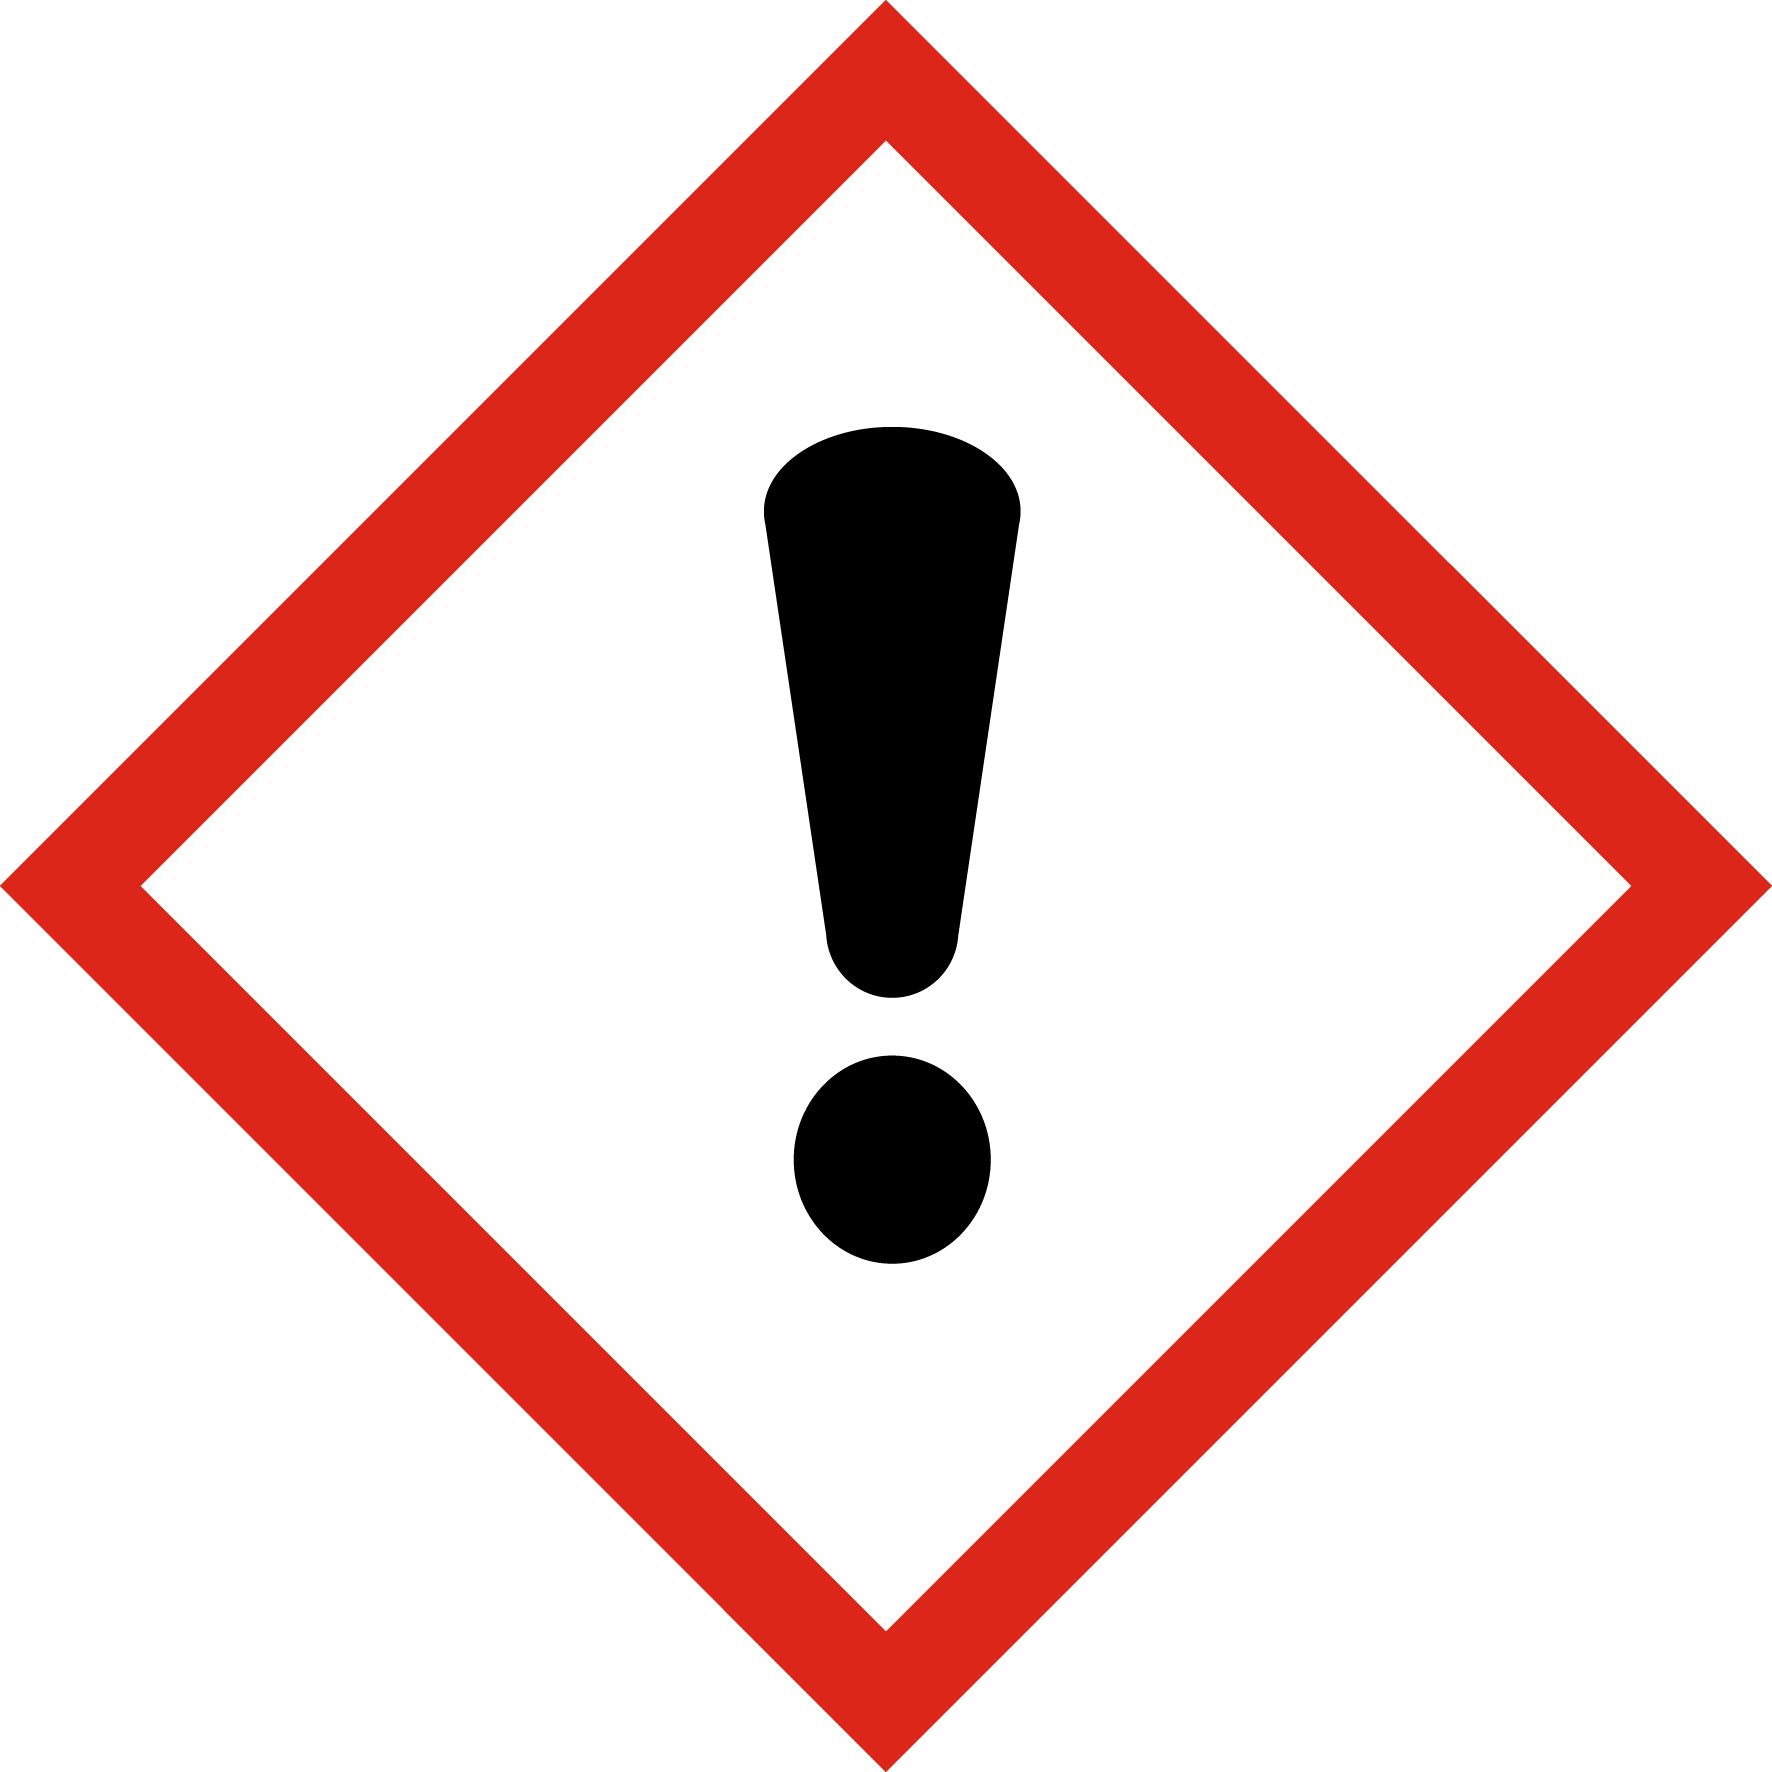 icone produit dangereux